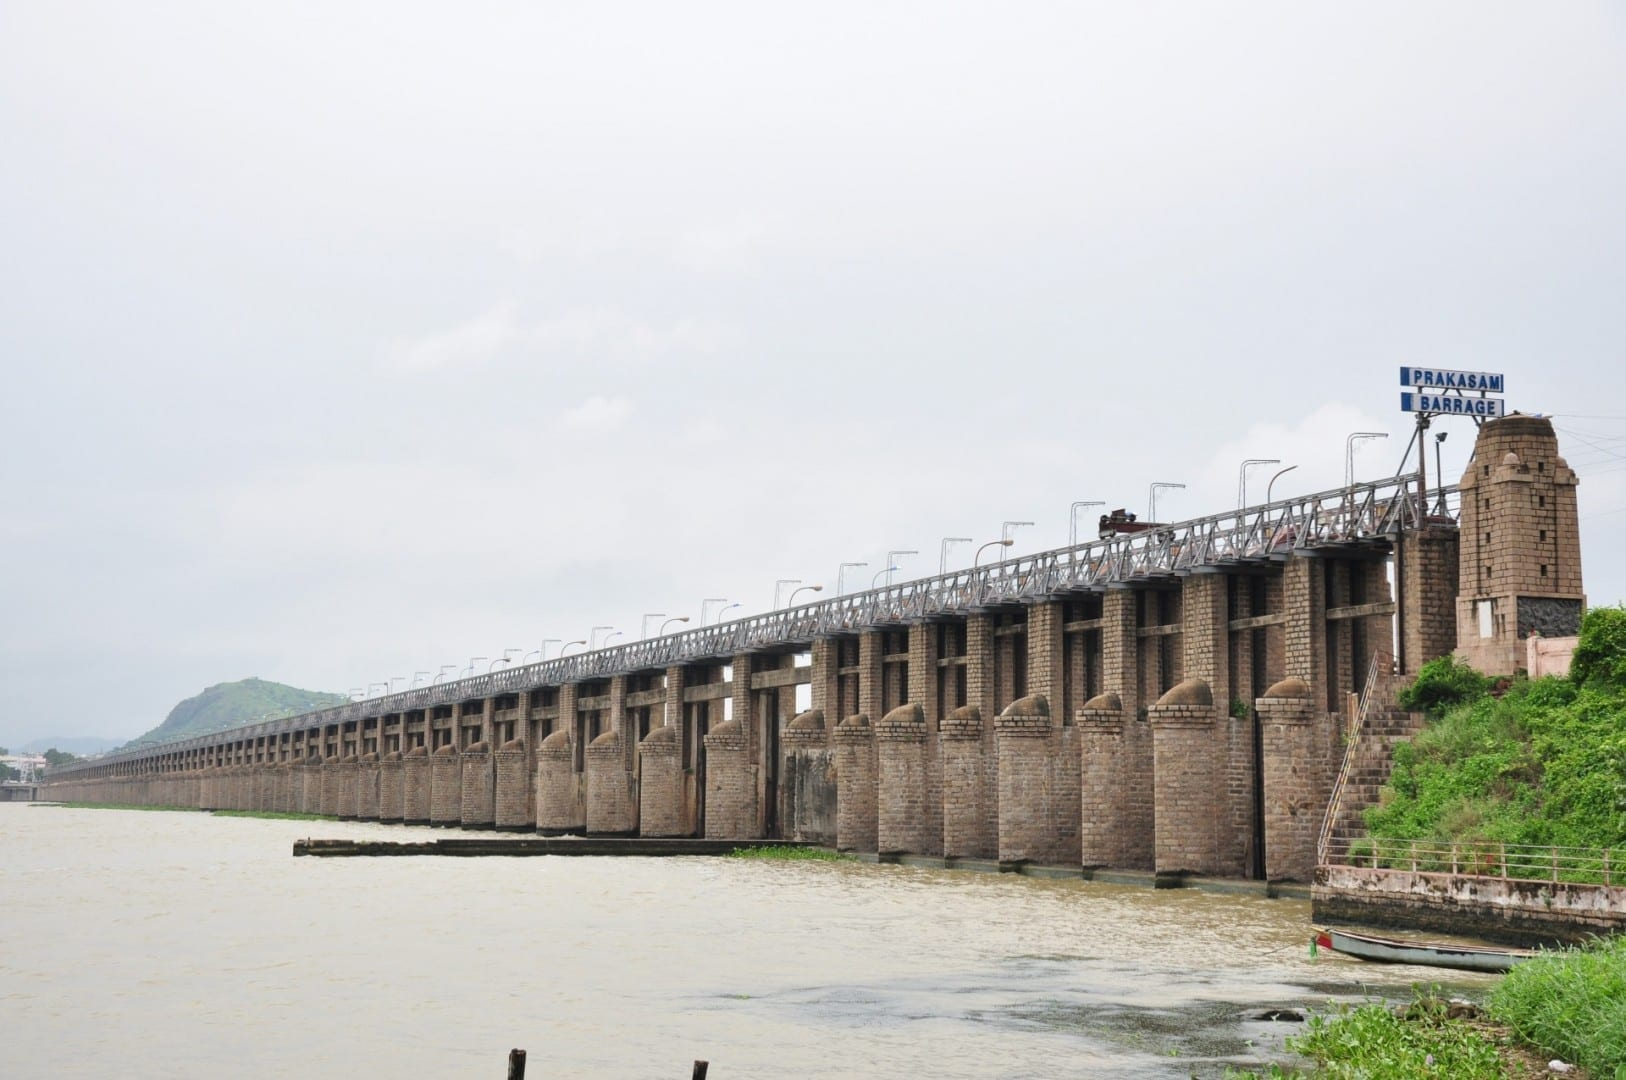 Vista de la presa de Prakasam Vijayawada India